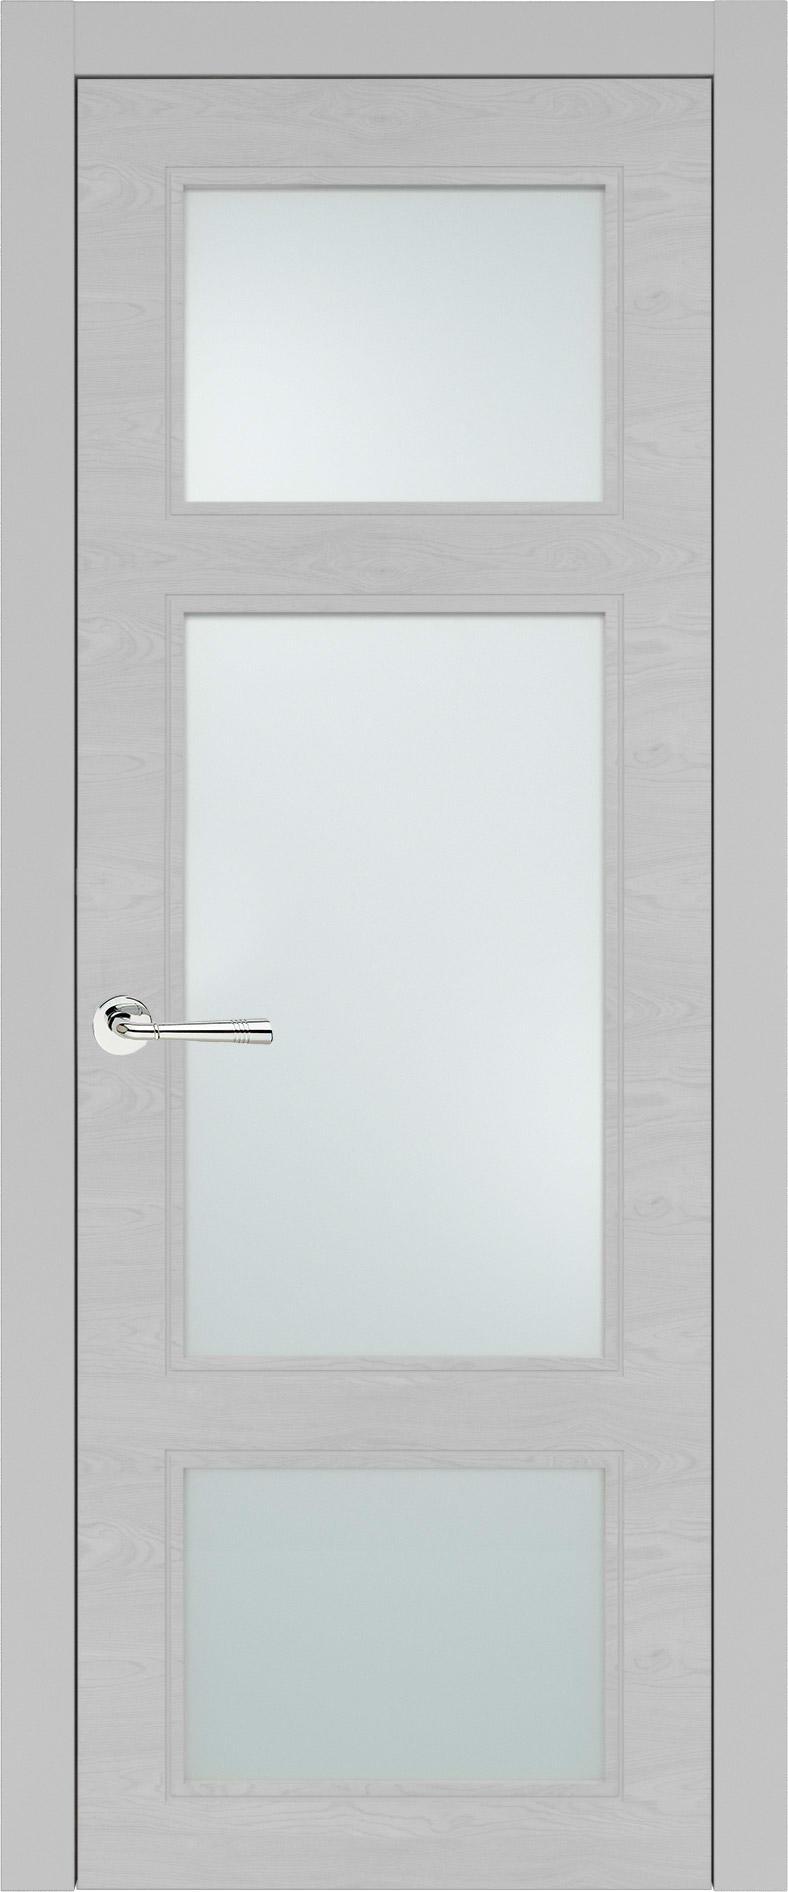 Siena Neo Classic цвет - Серая эмаль по шпону (RAL 7047) Со стеклом (ДО)